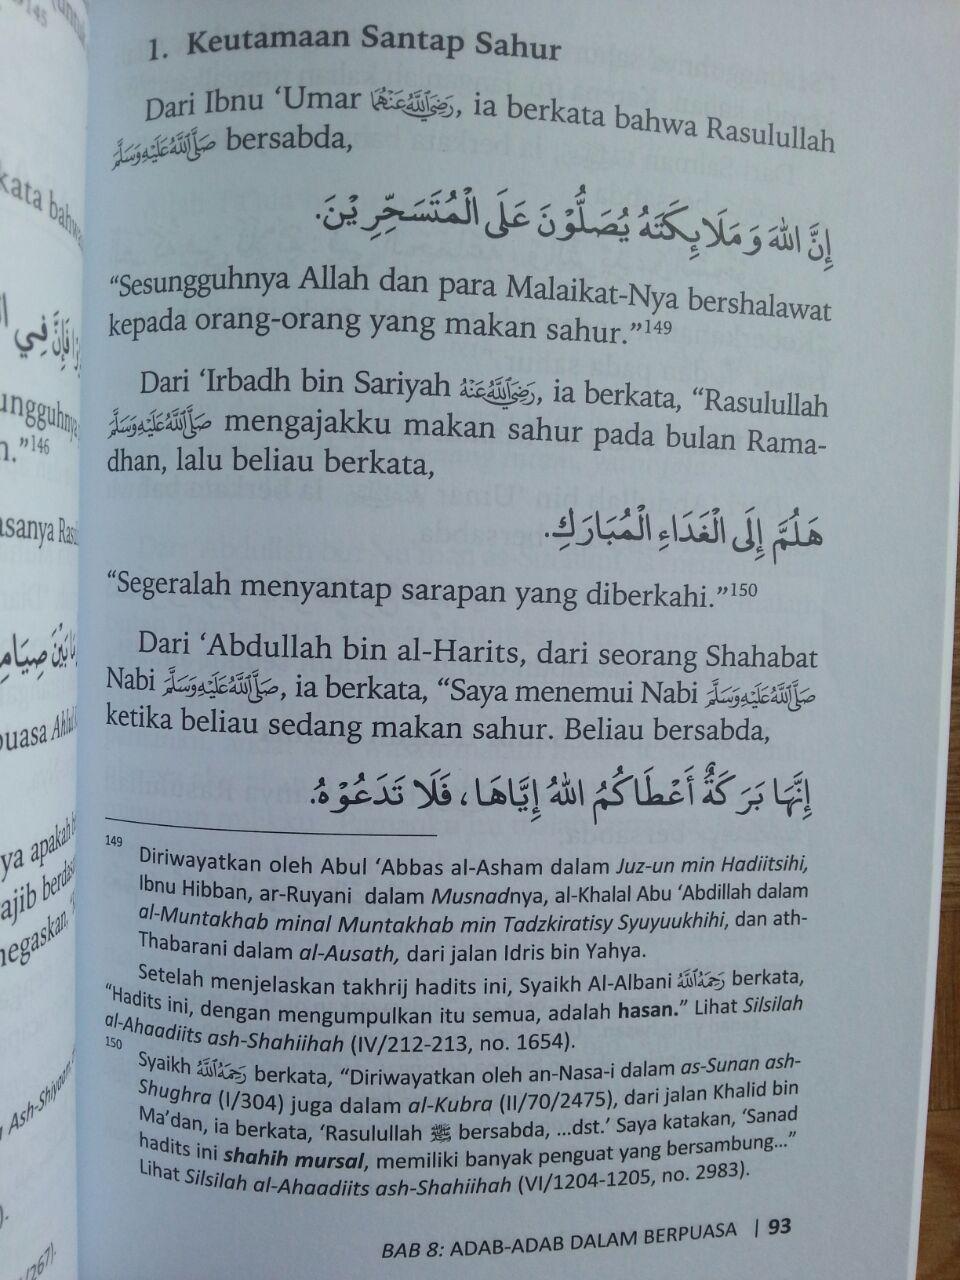 Buku Sifat Puasa Nabi Kompilasi 3 Ulama isi 3